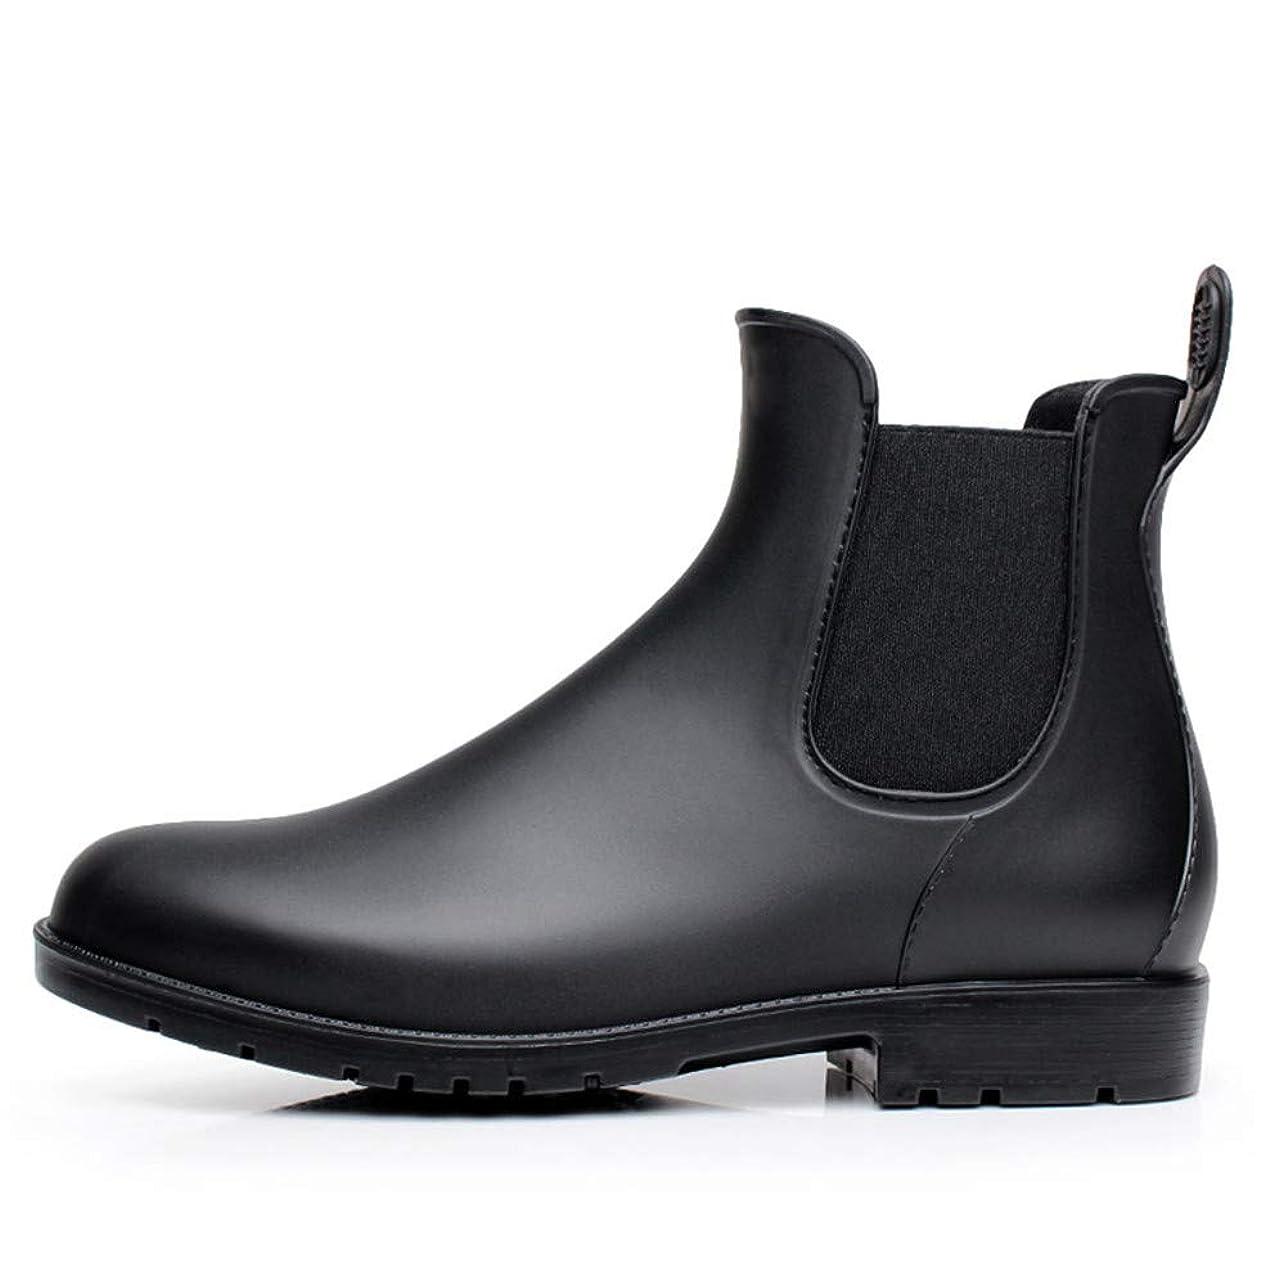 母トリッキーコジオスコ[CAIXINGYI] レインブーツ レインシューズ レディース メンズ 22-26.5cm 雨靴 ショートブーツ 無地 大きいサイズ 梅雨 おしゃれ カジュアル ビジネス 22-26.5cm 柔らかい 防水靴 晴雨兼用 台風 梅雨対策